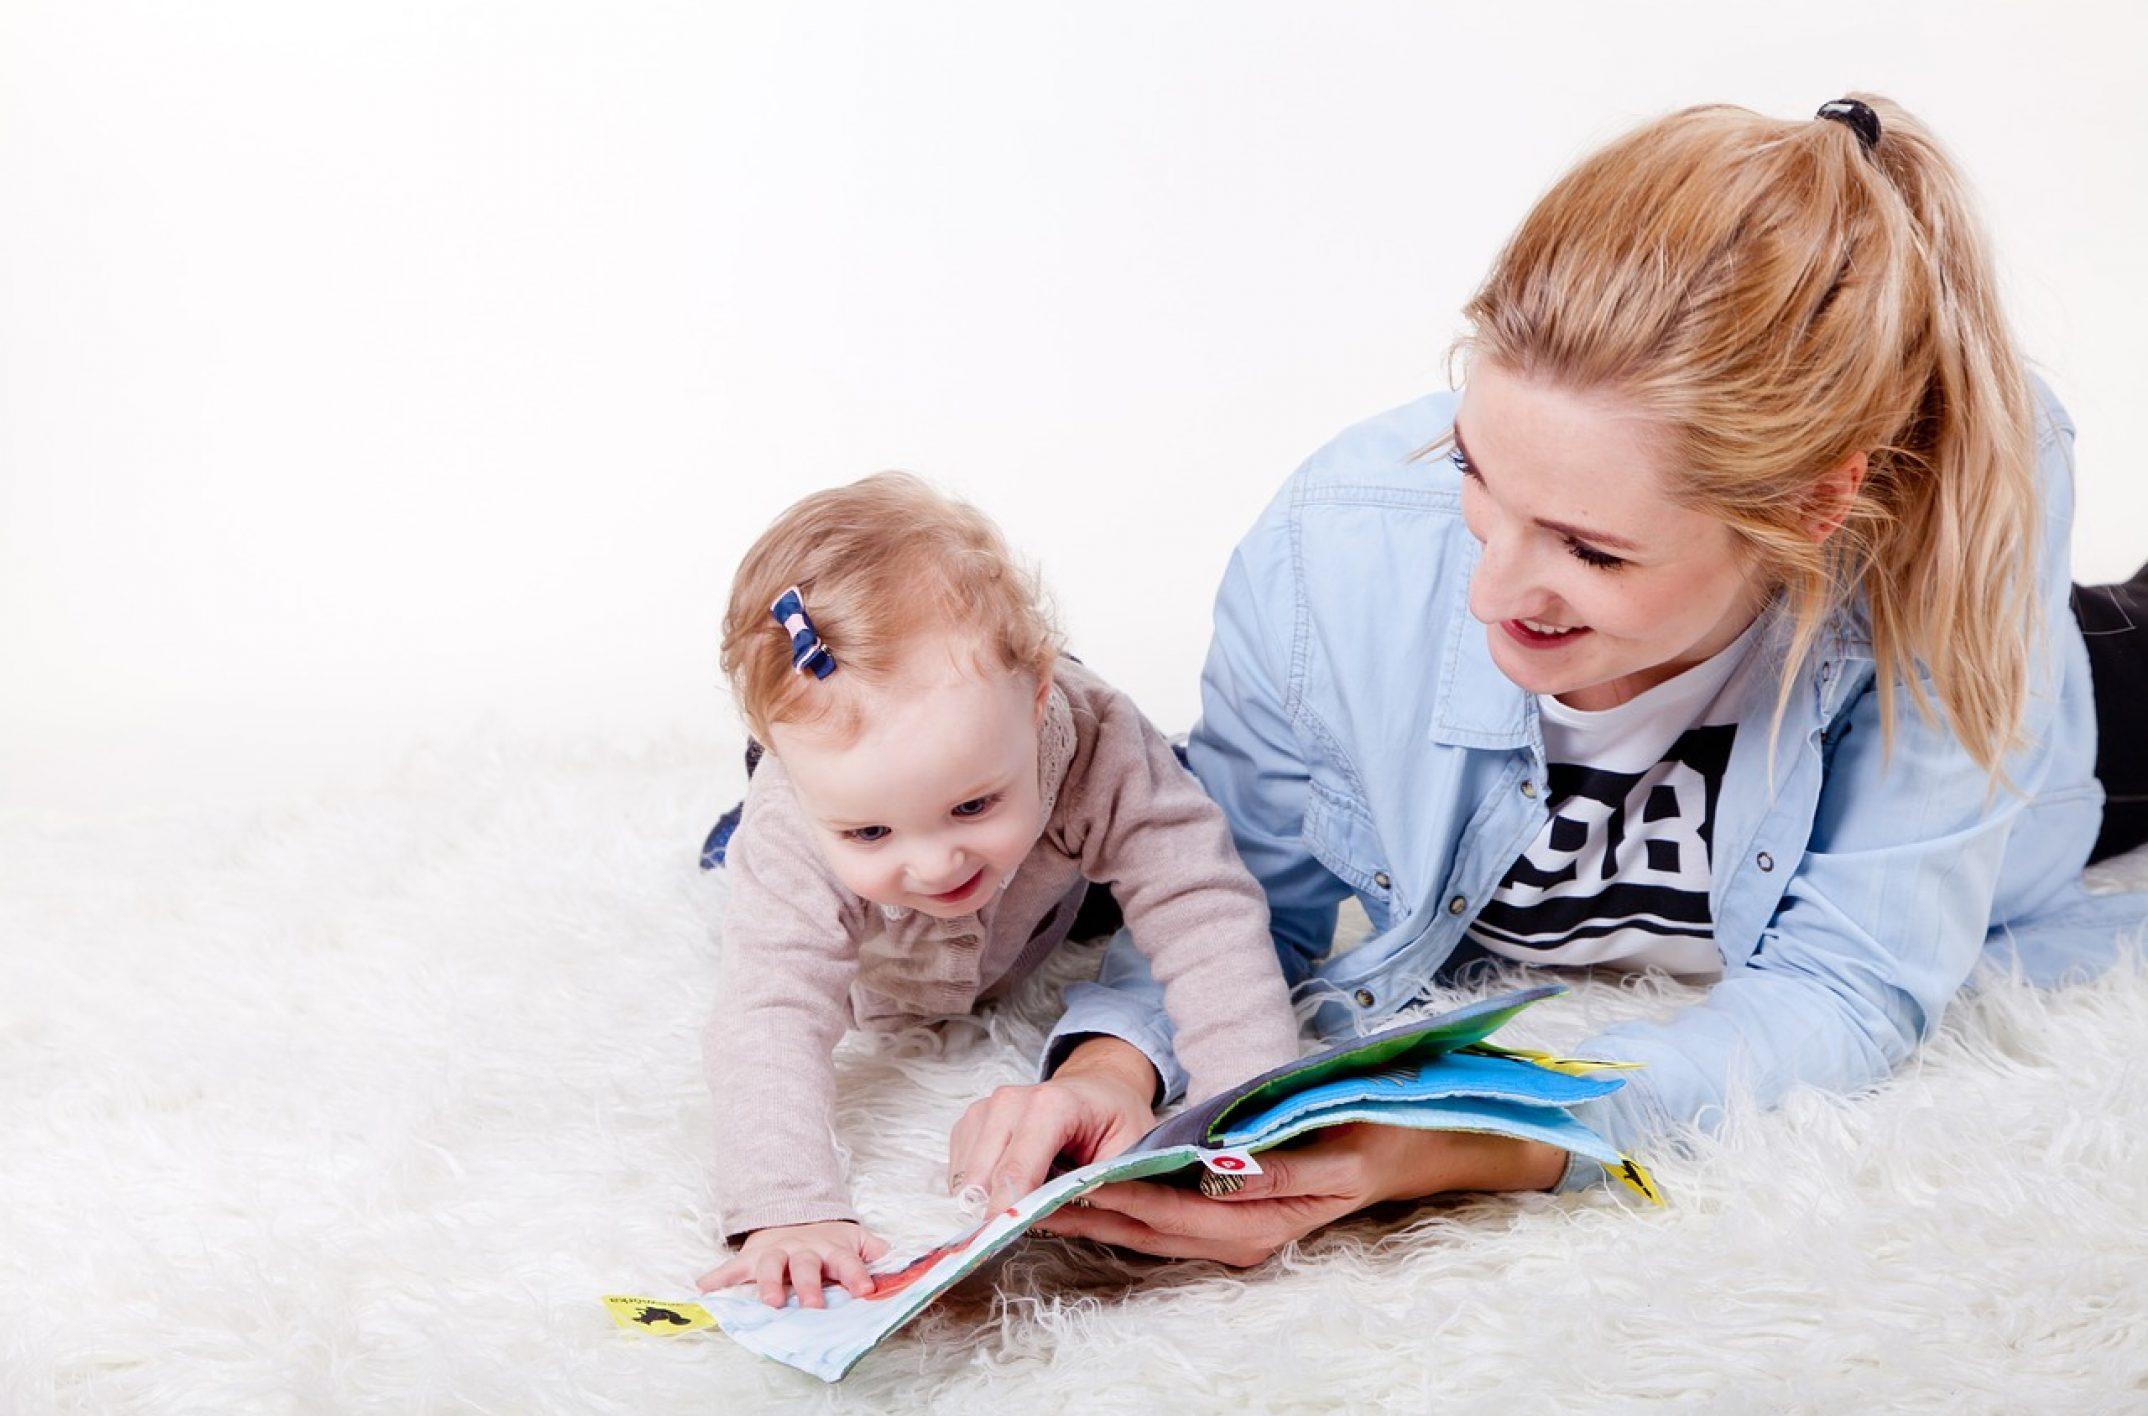 Crèche ou nounou ? Comment bien choisir pour son enfant ?